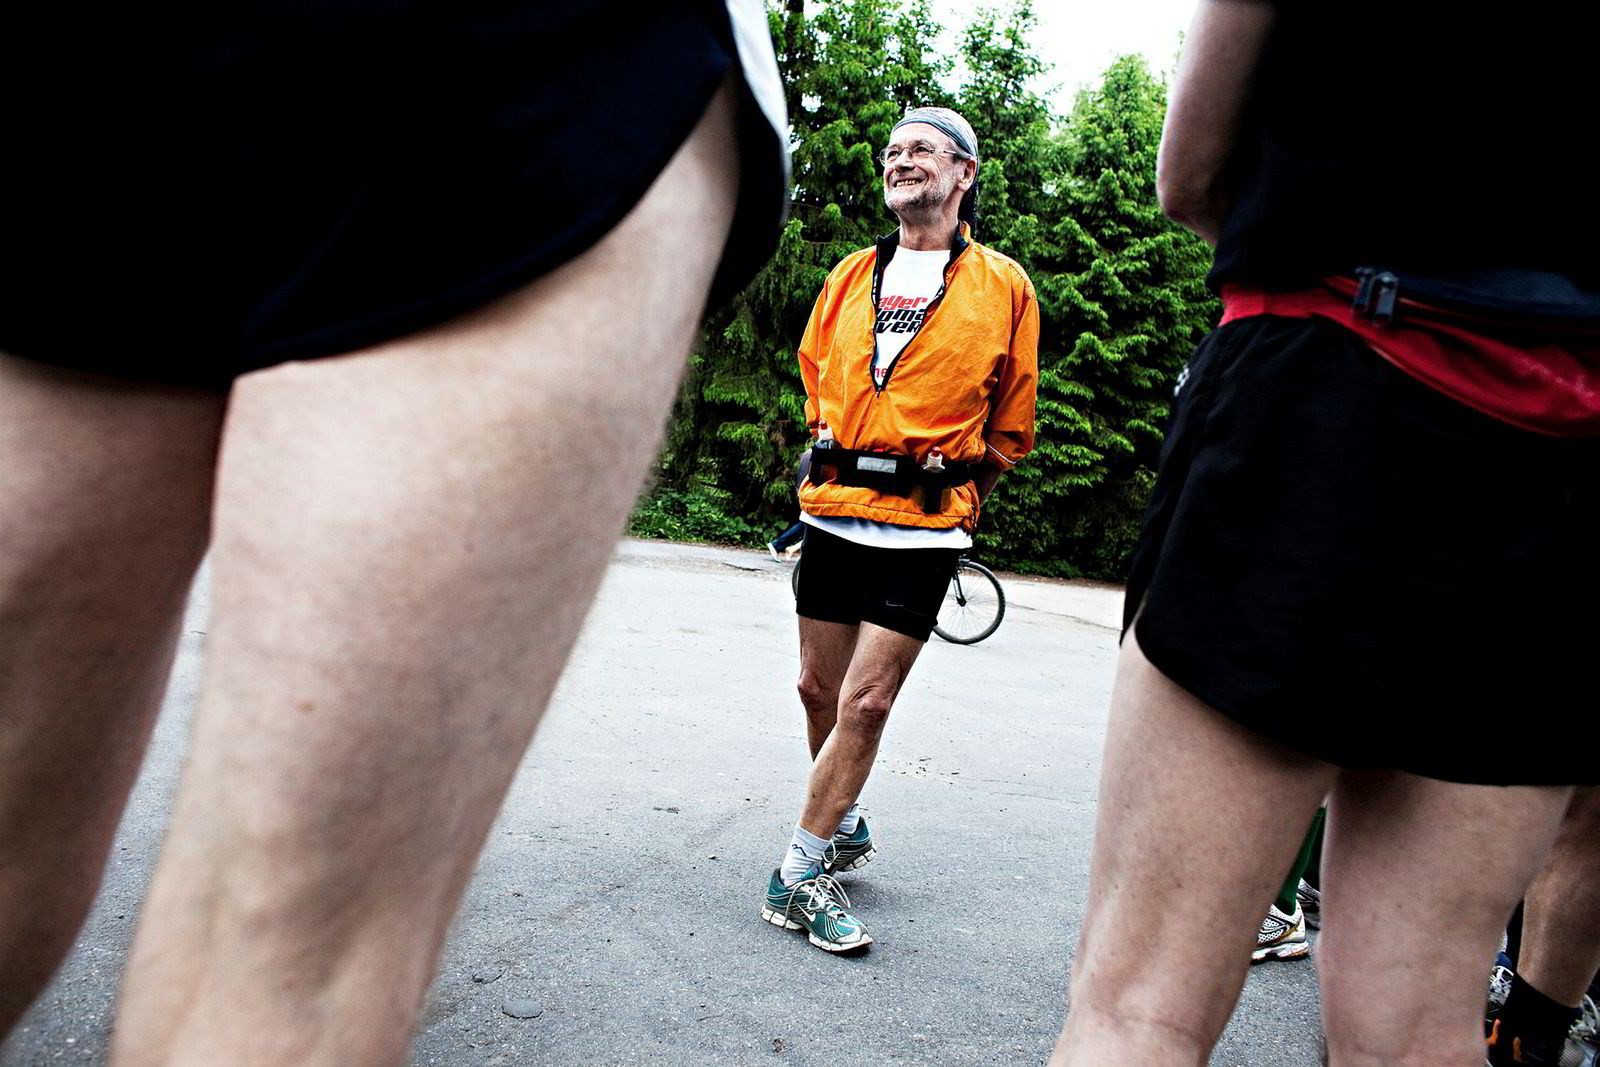 En skambefengt erfaring. – Det er den totale skam å bryte et løp når du er fartsholder, sier løpebokforfatter Andreas Hompland (72). Bildet er fra 2010.